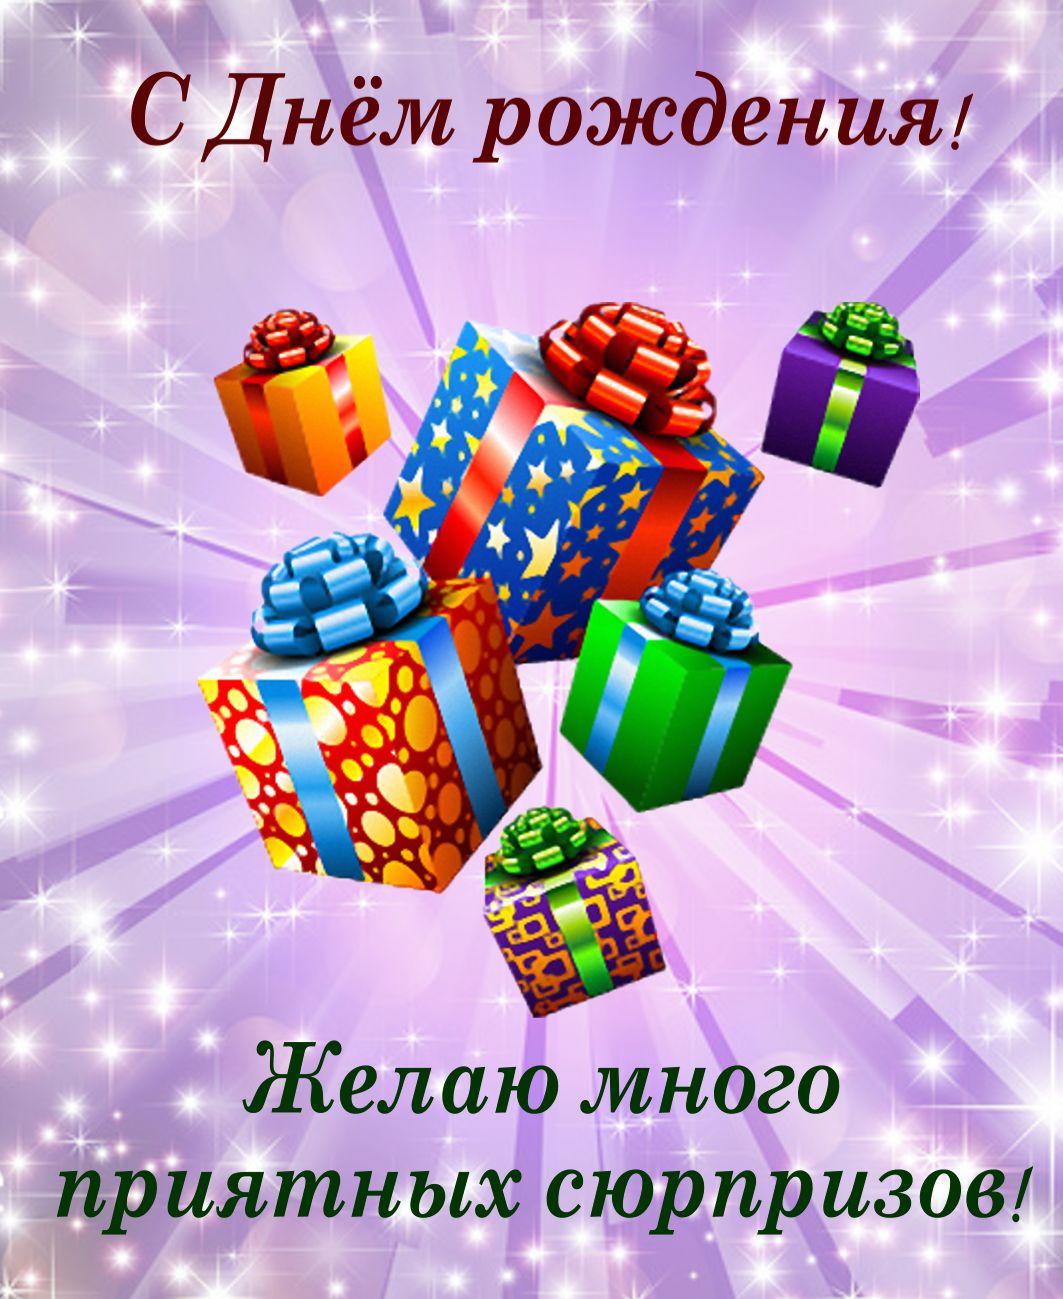 открытка - куча подарков на блестящем фоне